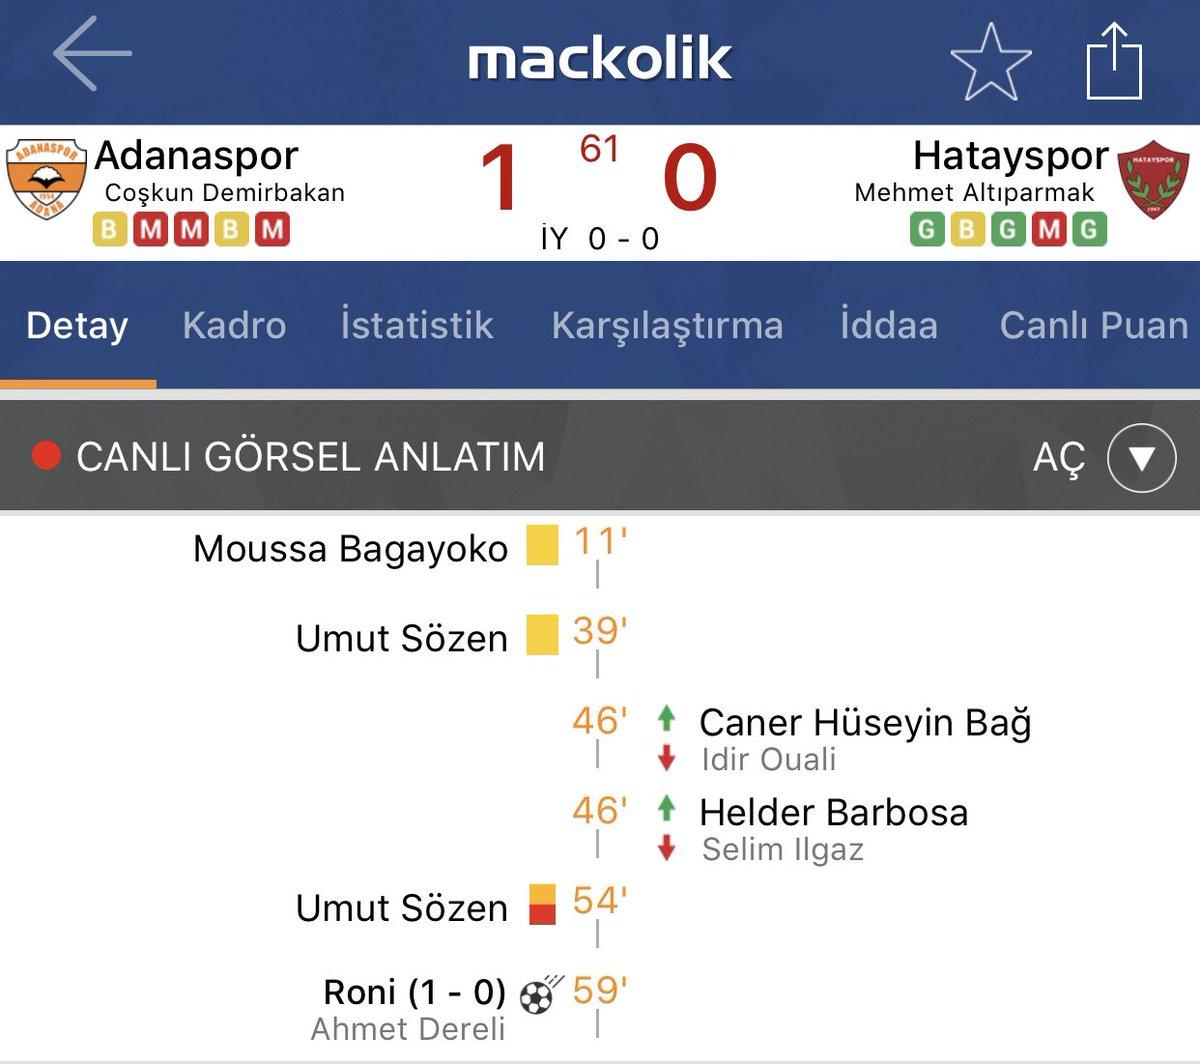 Mackolik On Twitter Adanaspor Hatayspor Karşısında öne Geçti